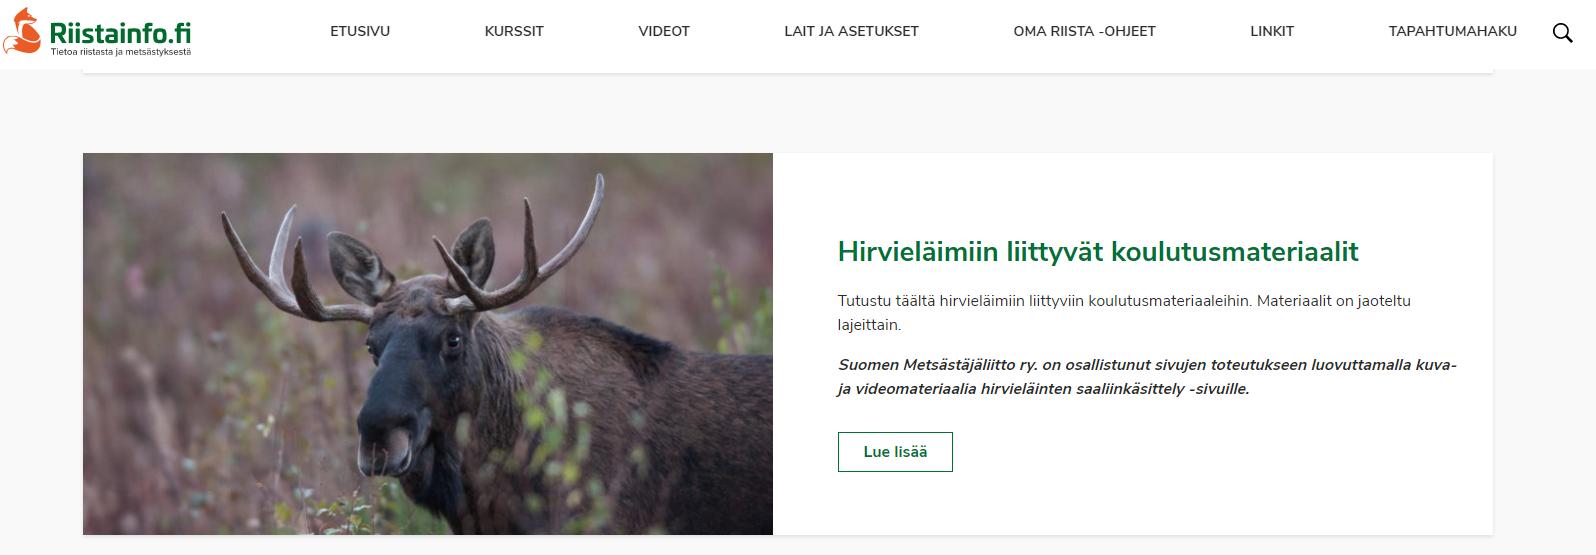 Näkymä Riistainfo-verkkosivulta.